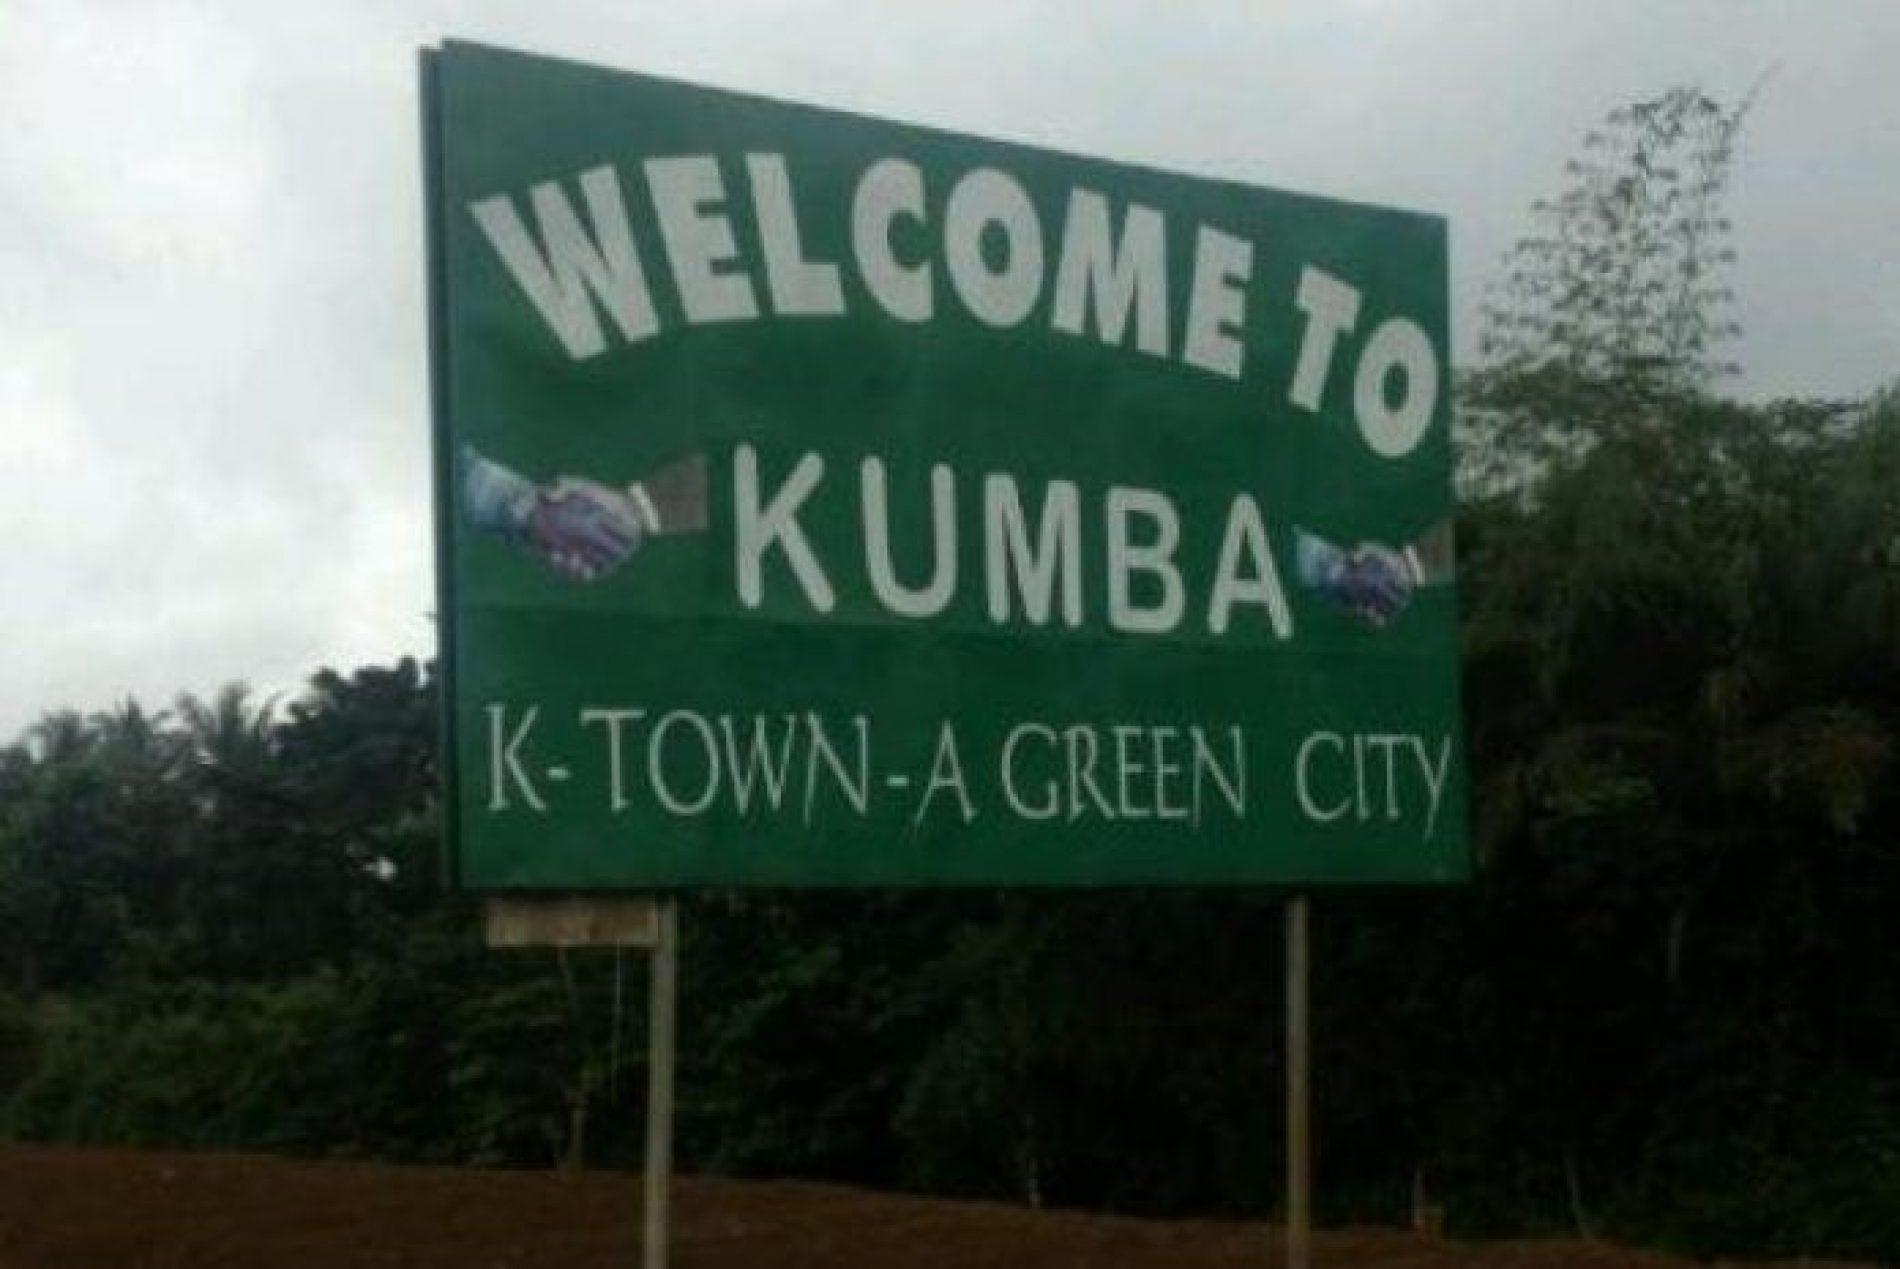 Kumba – services essentiels :  Un hôpital consumé par les flammes